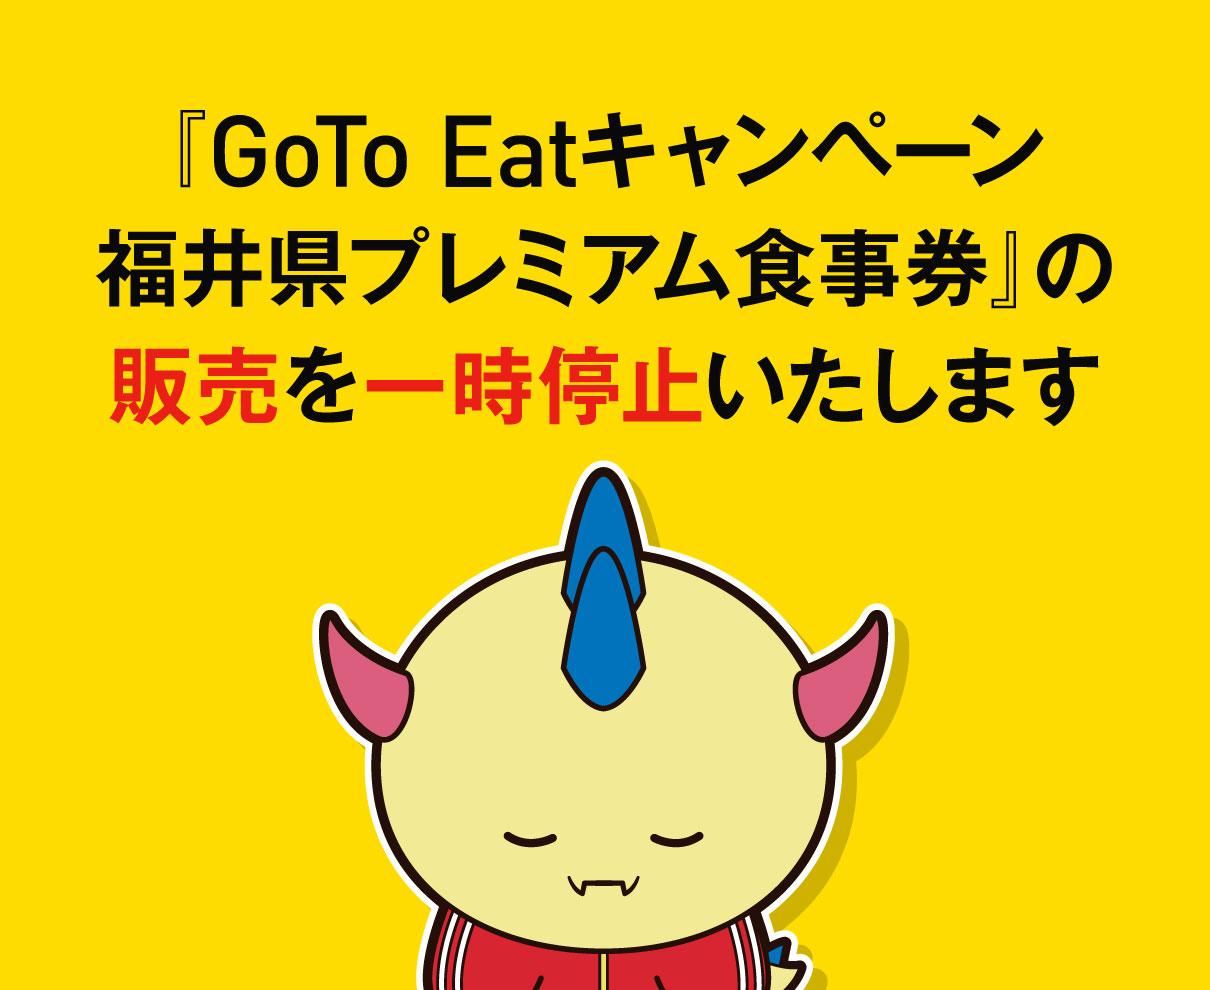 「福井県プレミアム食事券」の利用にあたってのお願い